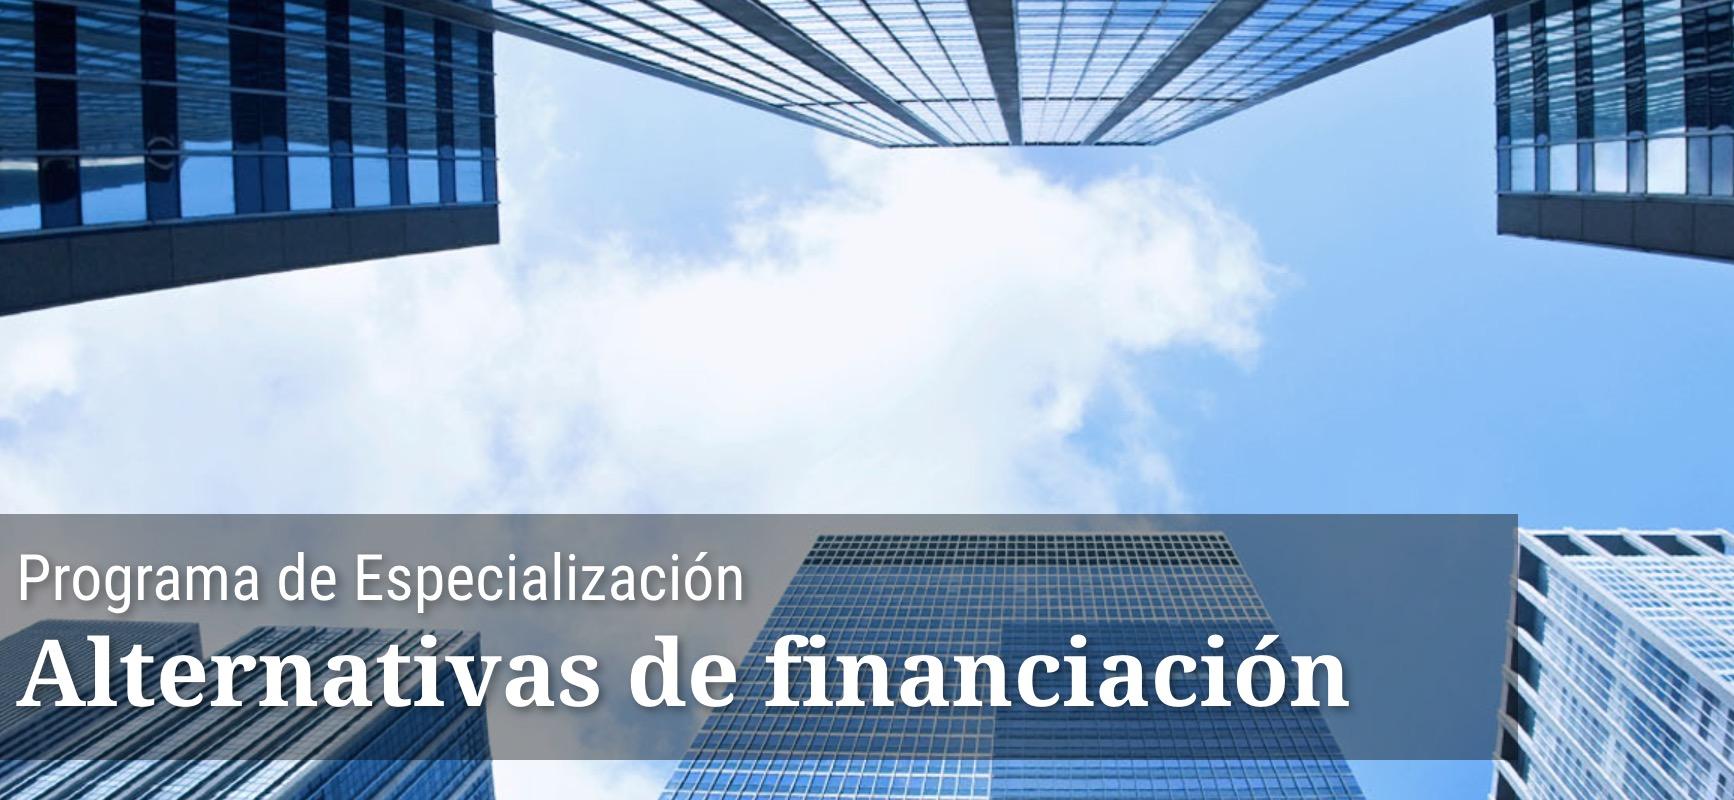 Programa de Especialización IEB: Alternativas de financiación